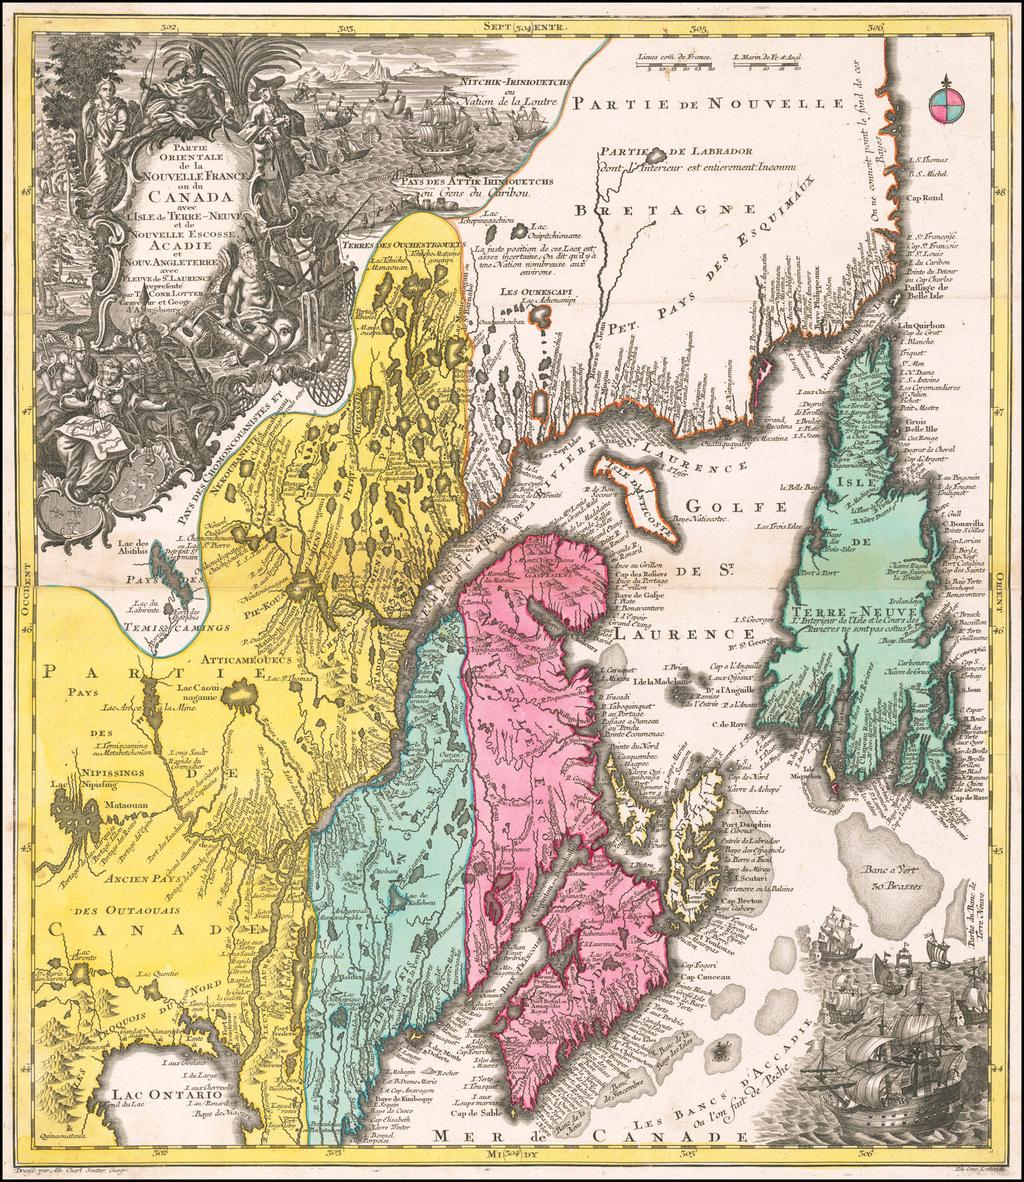 Partie Orientale de la Nouvelle France ou du Canada avec L'Isle de Terre-Neuve et de Nouvelle Escosse Acadie et Nouv. Angleterre avec Fleuve de St. Laurence . . . By Tobias Conrad Lotter